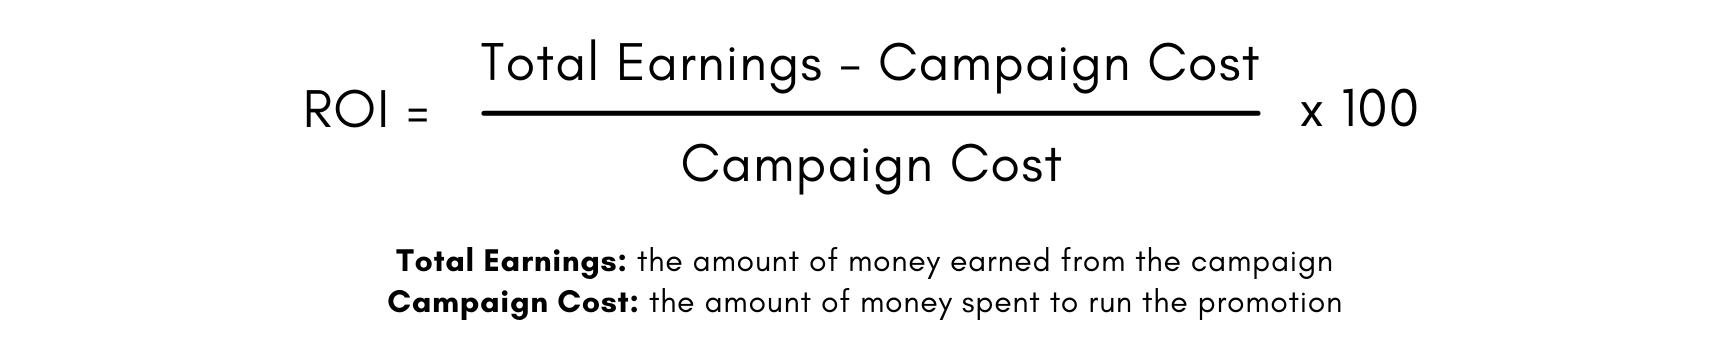 Formule pour calculer le retour sur investissement: argent total gagné moins coût global de la campagne, divisé par le coût global de la campagne, multiplié par 100.